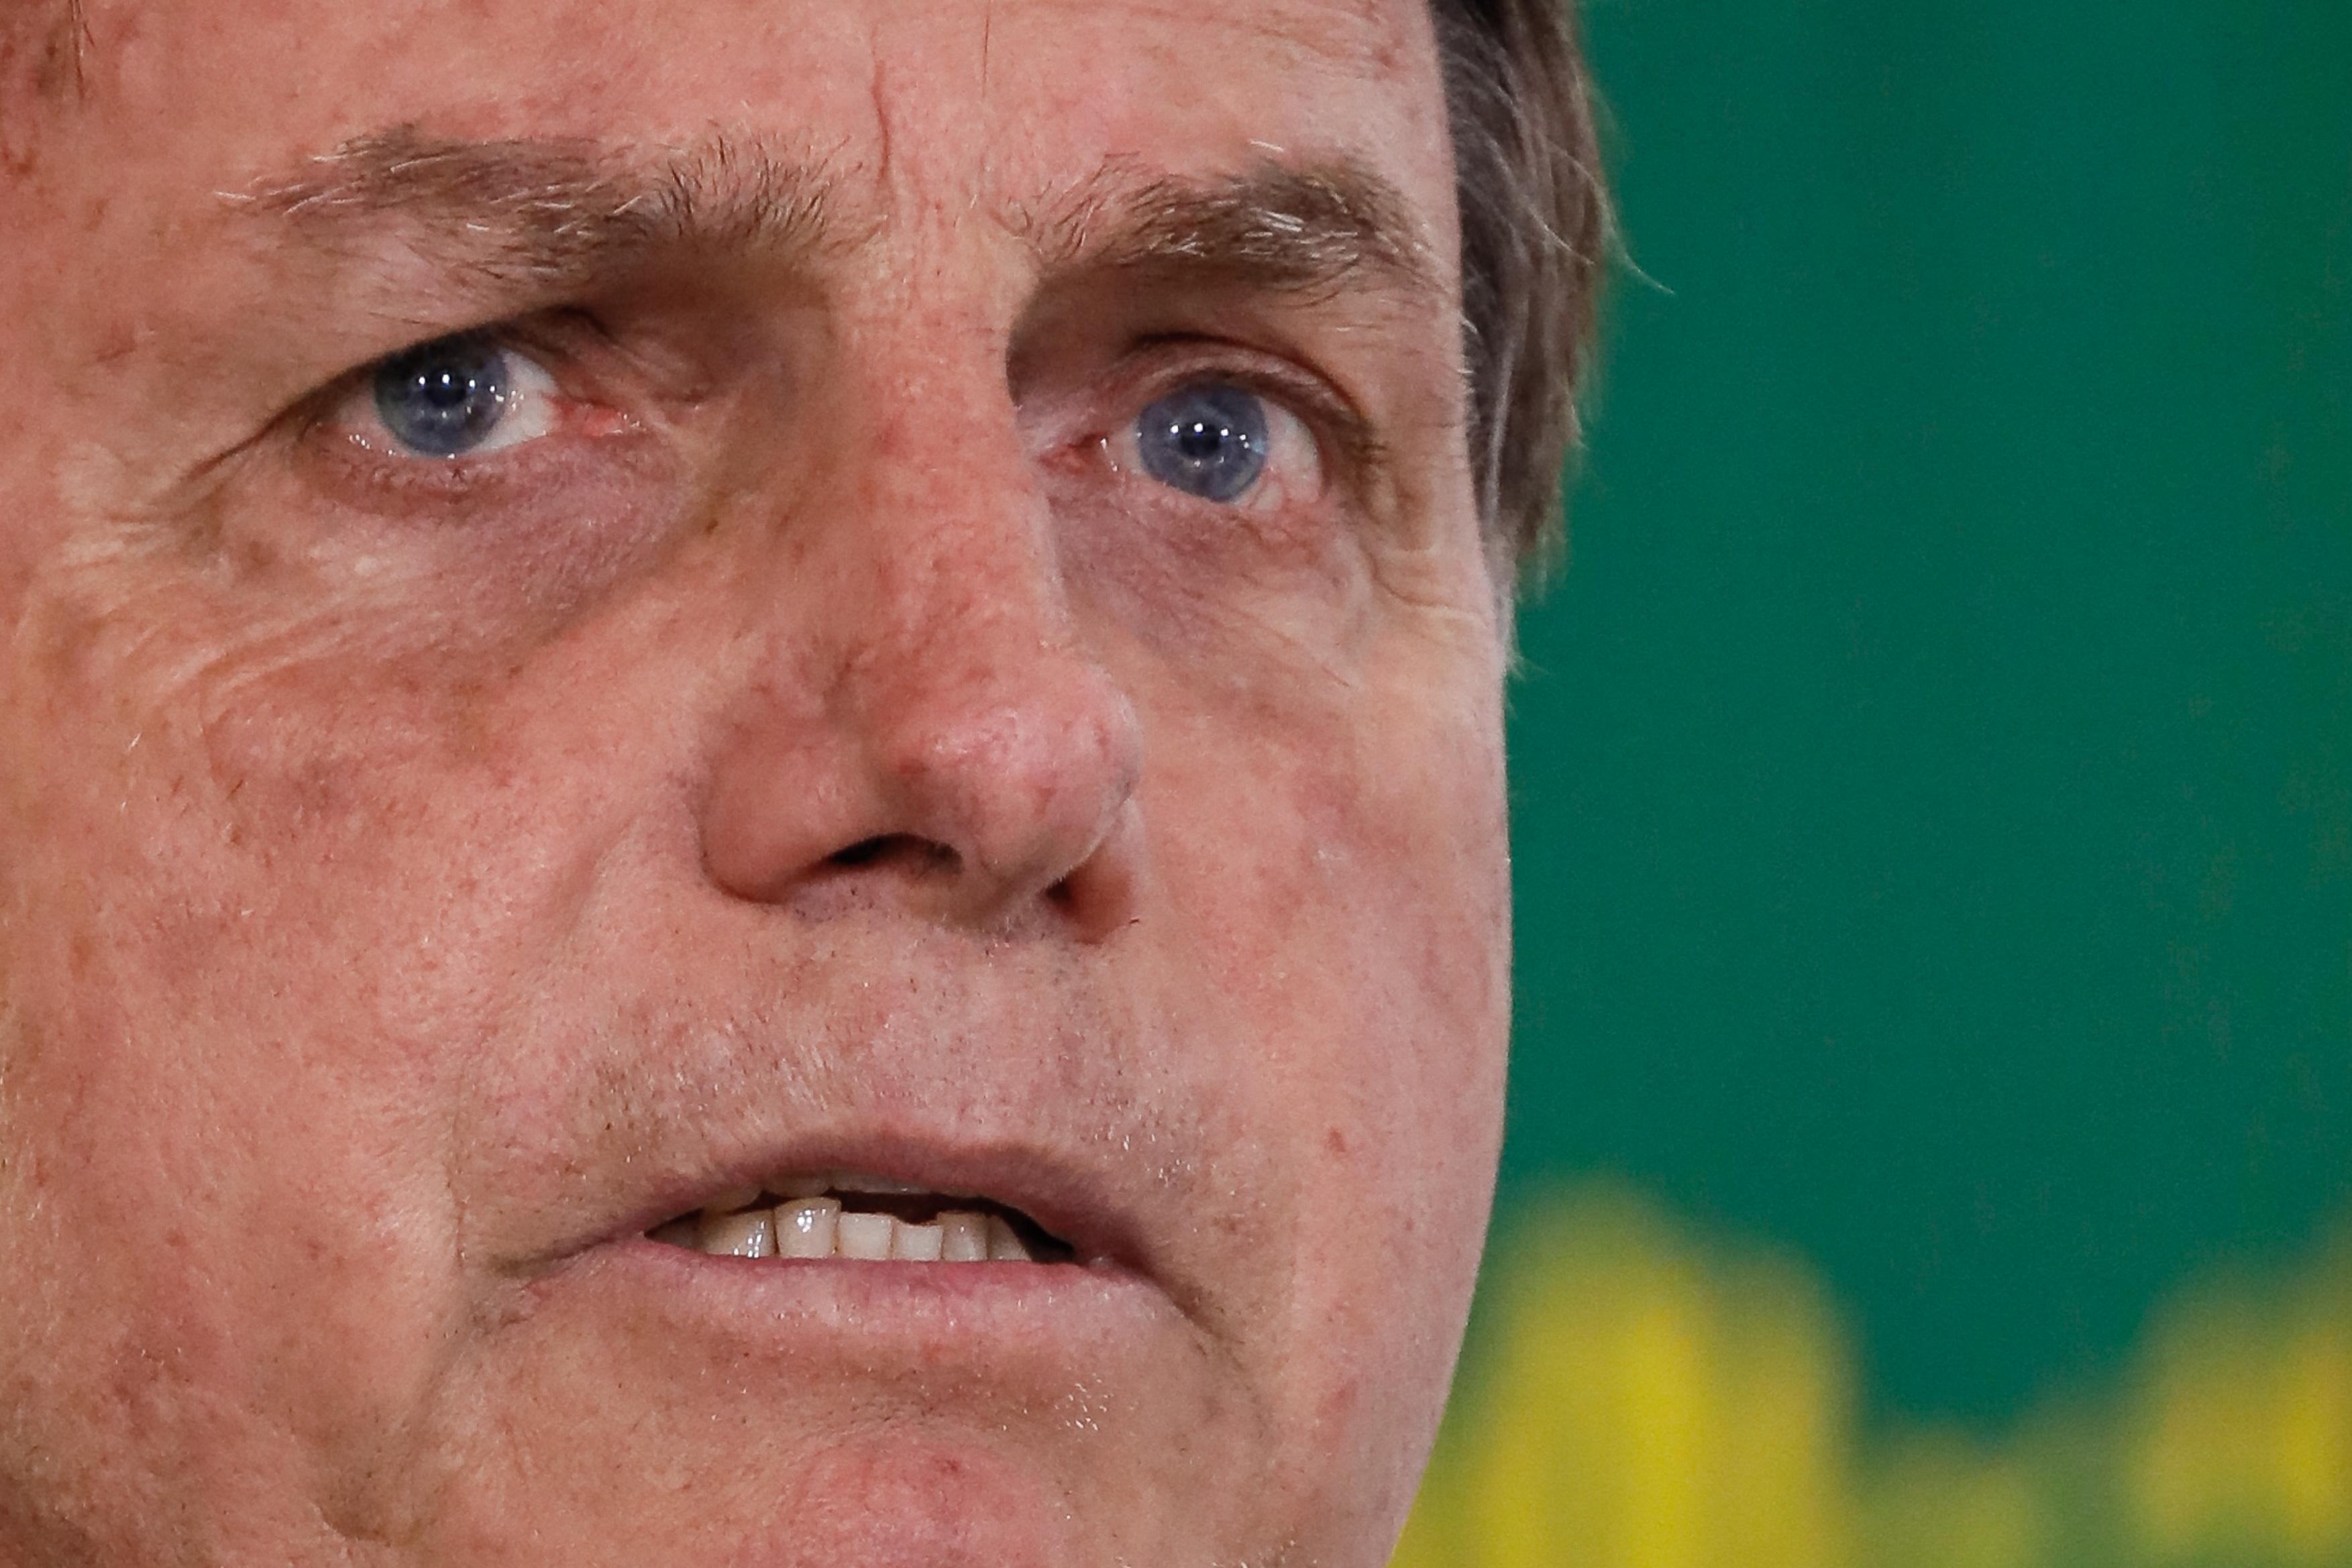 IMAGEM: OAB aciona STF para acabar com 'cadastro do cidadão' de Bolsonaro